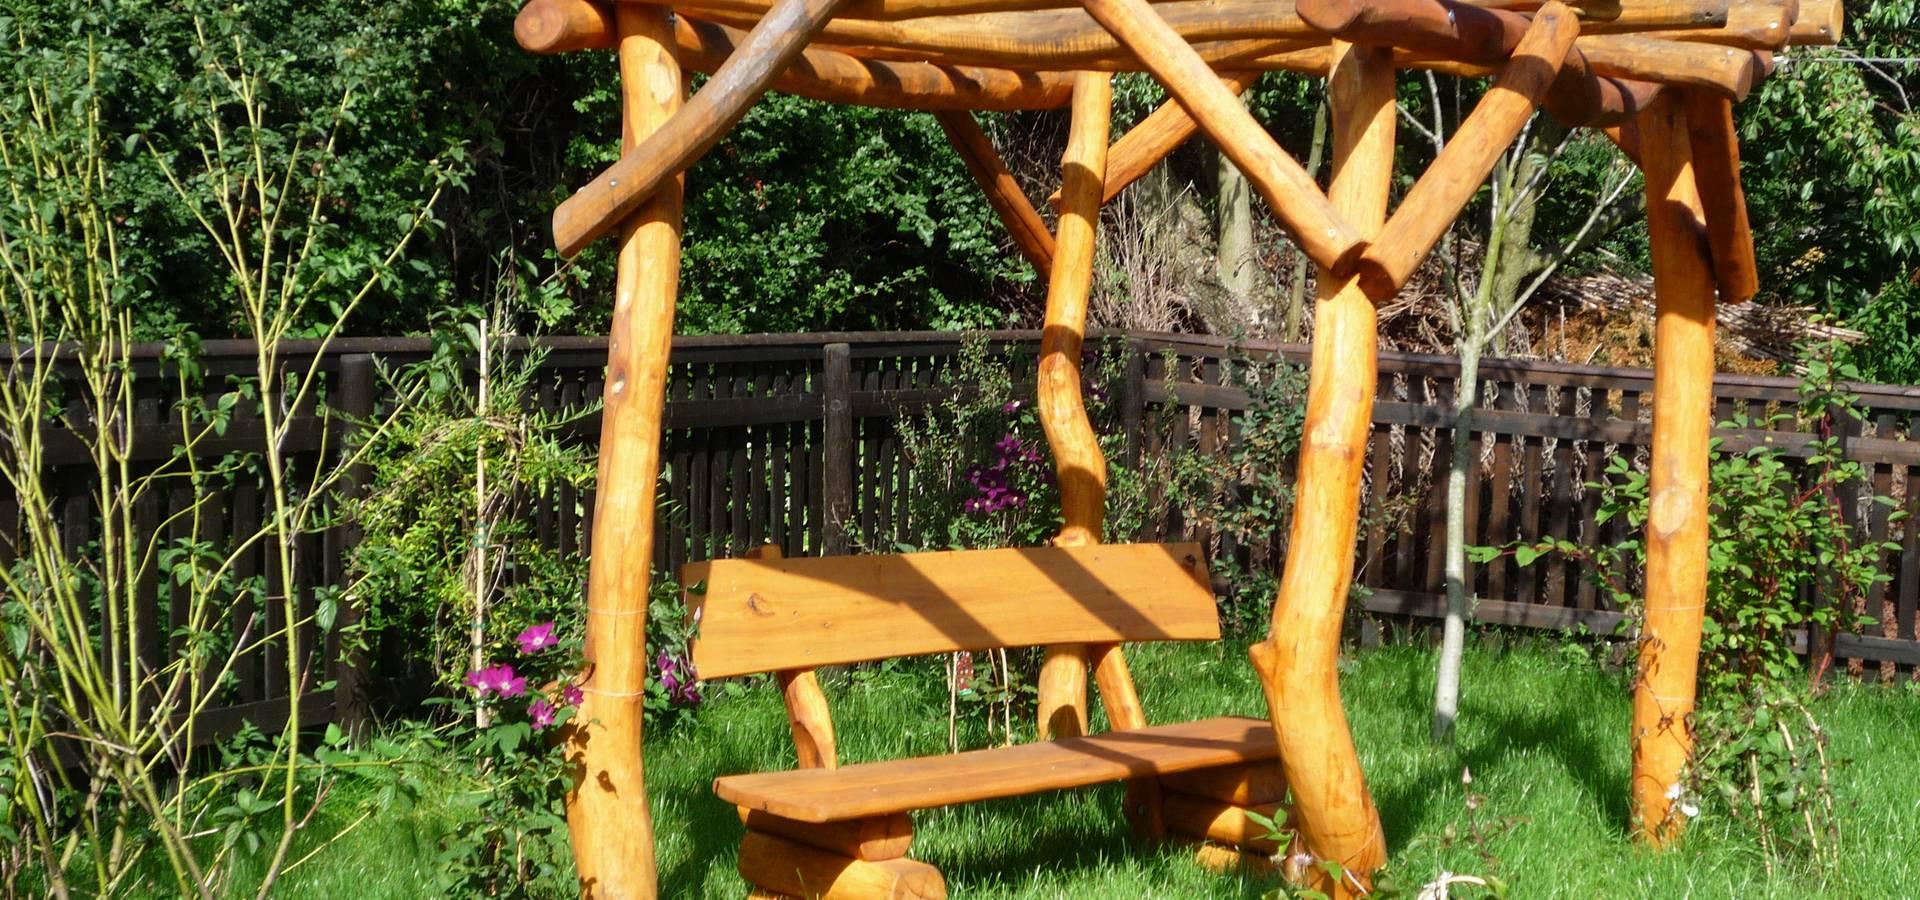 Rheber Holz Design